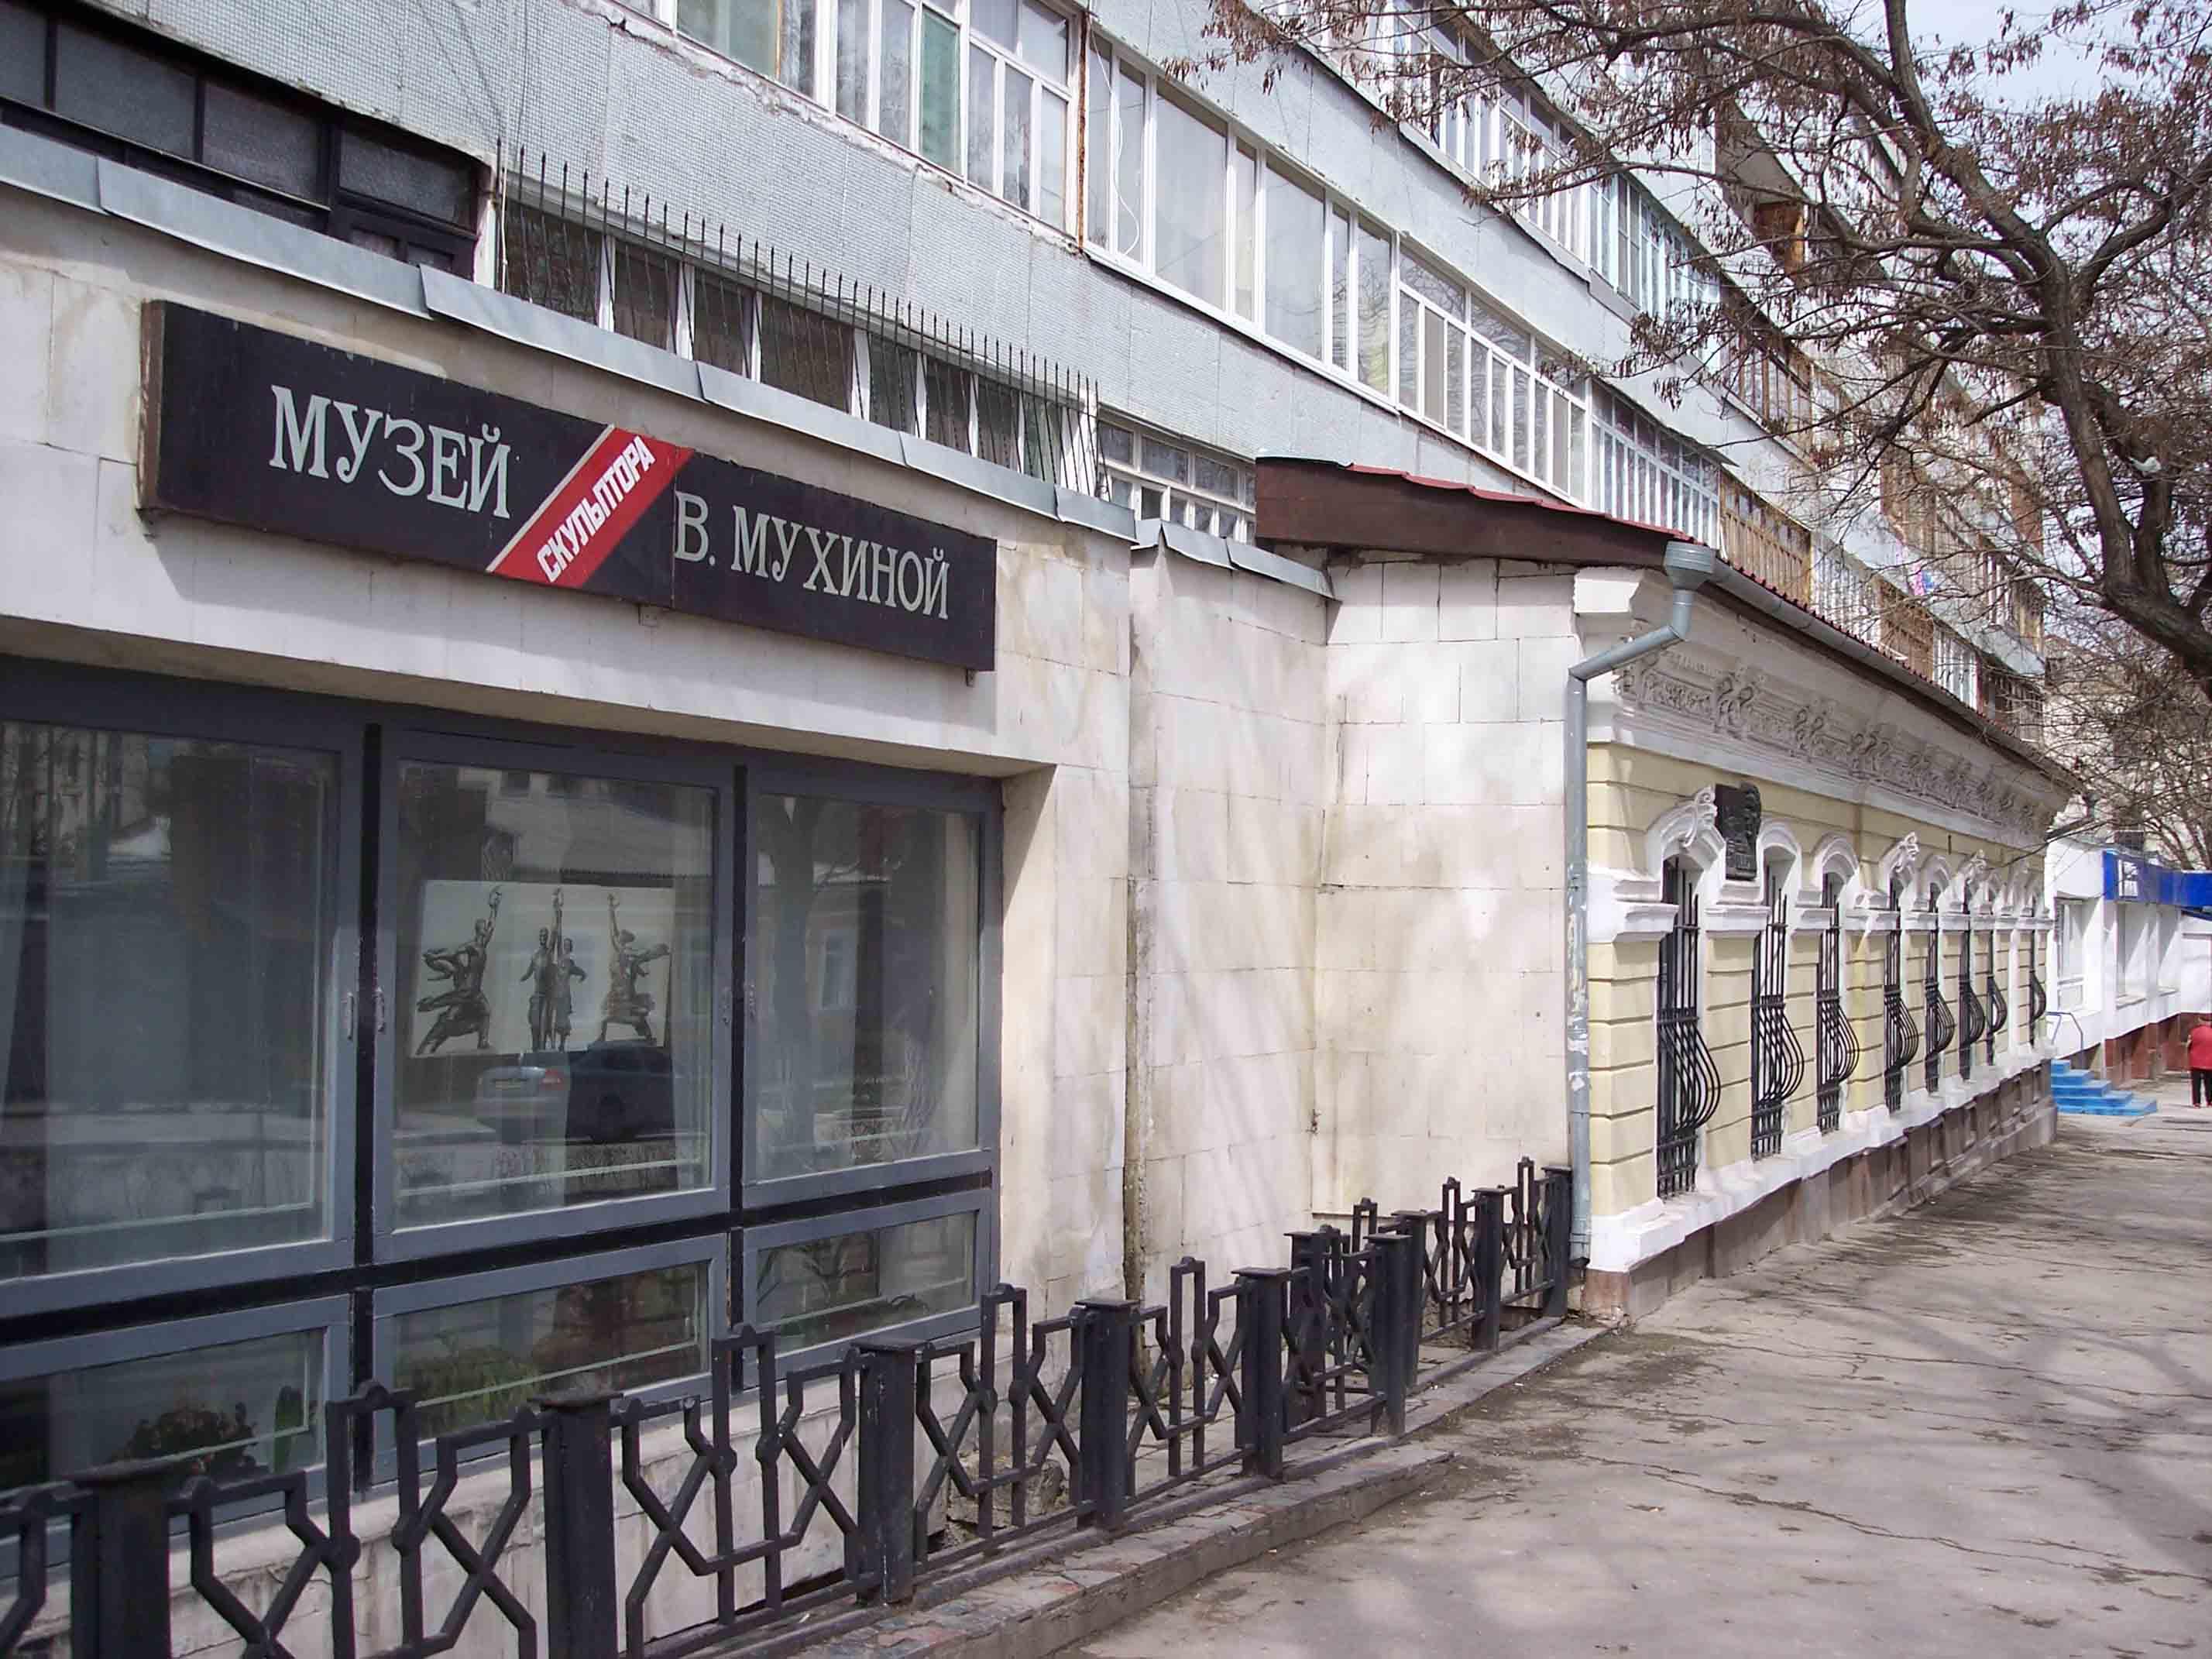 Достопримечательности Феодосии, Музей Мухиной